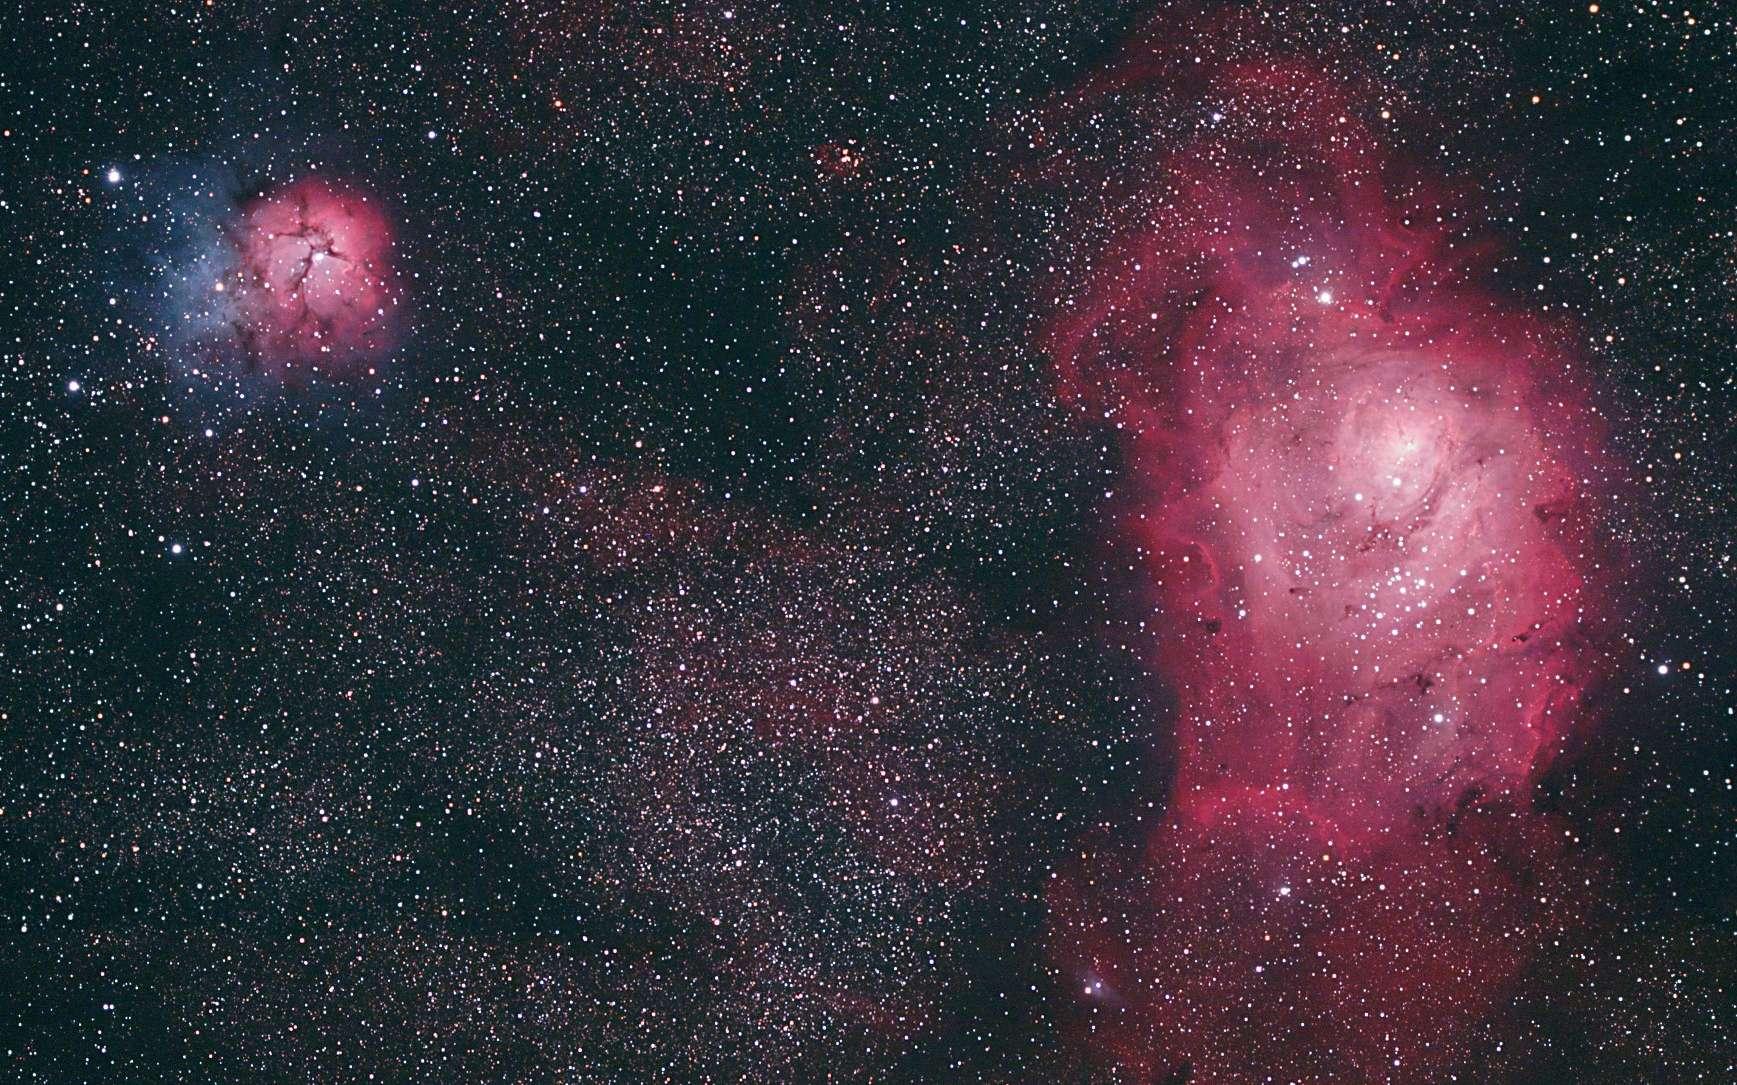 La nébuleuse Trifide (M20), à gauche, et celle de la Lagune (M8), à droite, sont observables dans la constellation du Sagittaire. Elles font partie des plus beaux objets astronomiques et sont présentées dans le livre de Dunod 101 merveilles du ciel qu'il faut avoir vues dans sa vie. © Emmanuel Beaudoin, Dunod